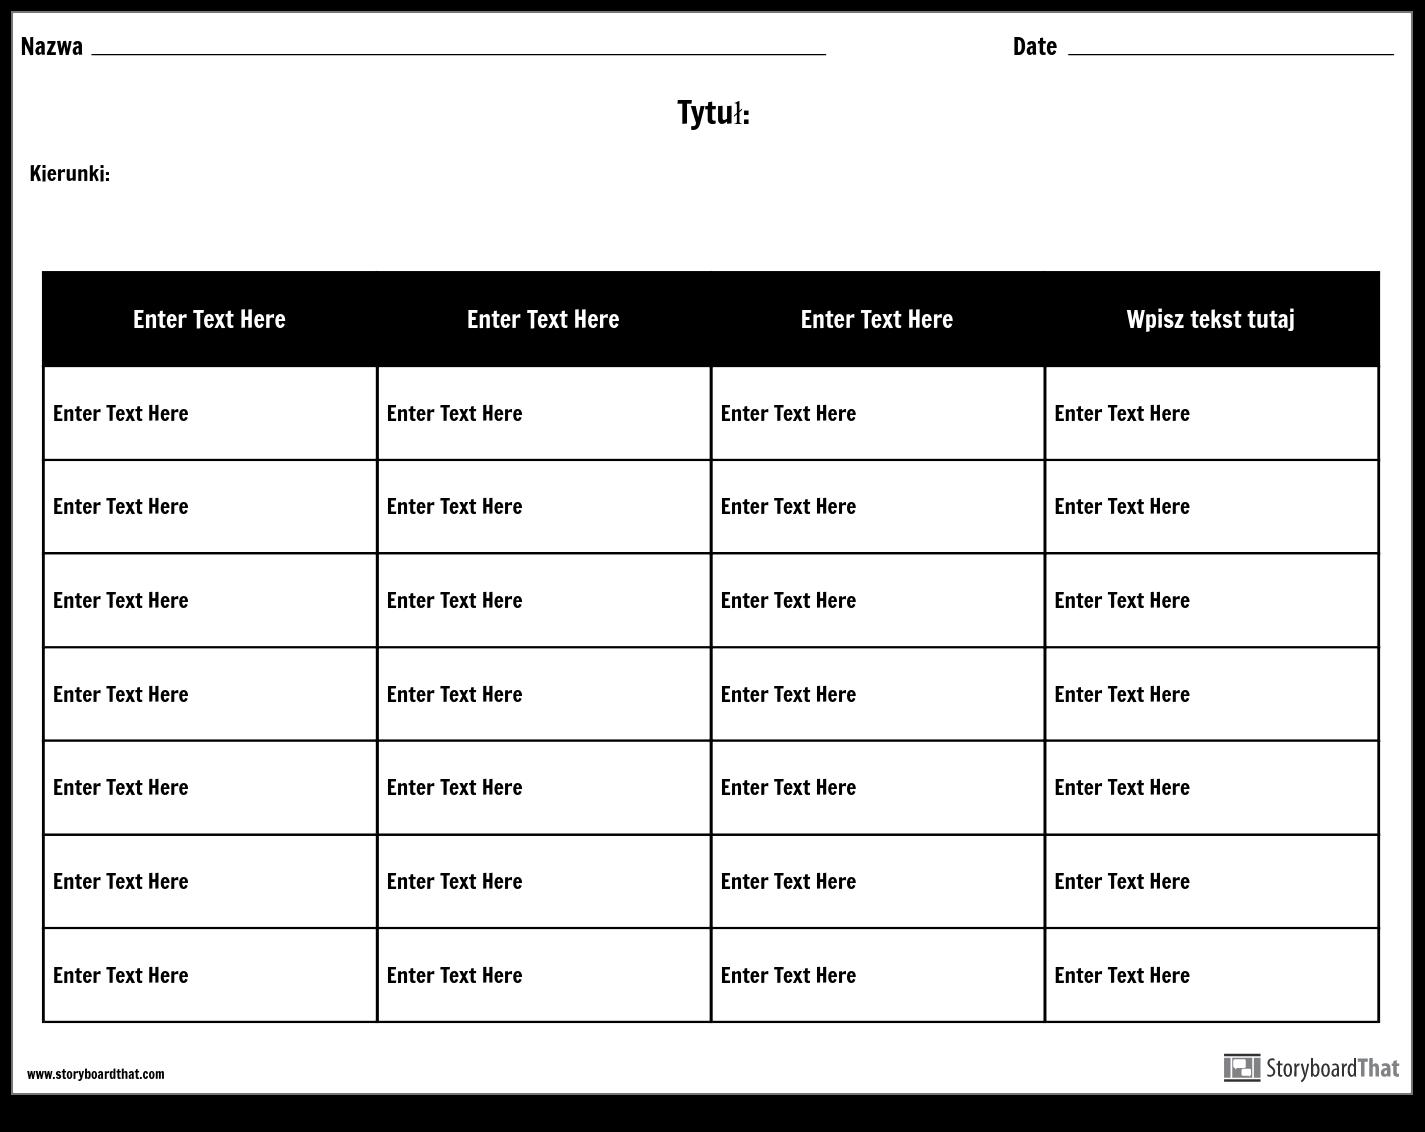 Tabela - 4 Kolumny, 7 Rzędów